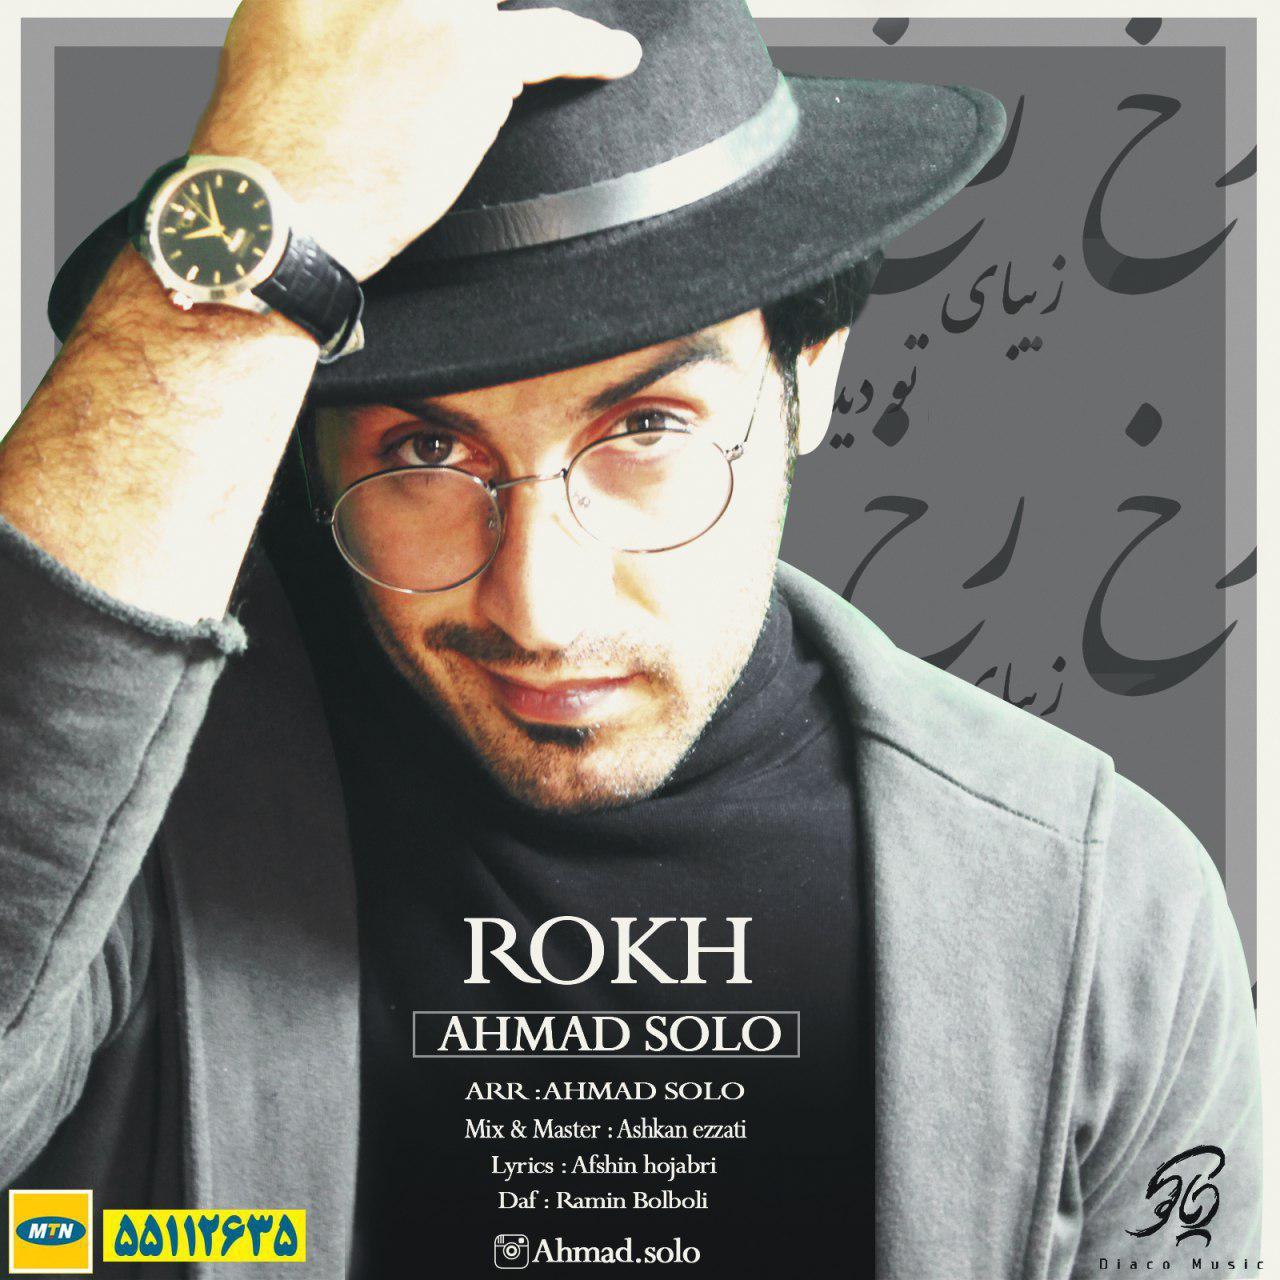 Ahmad Solo – Rokh